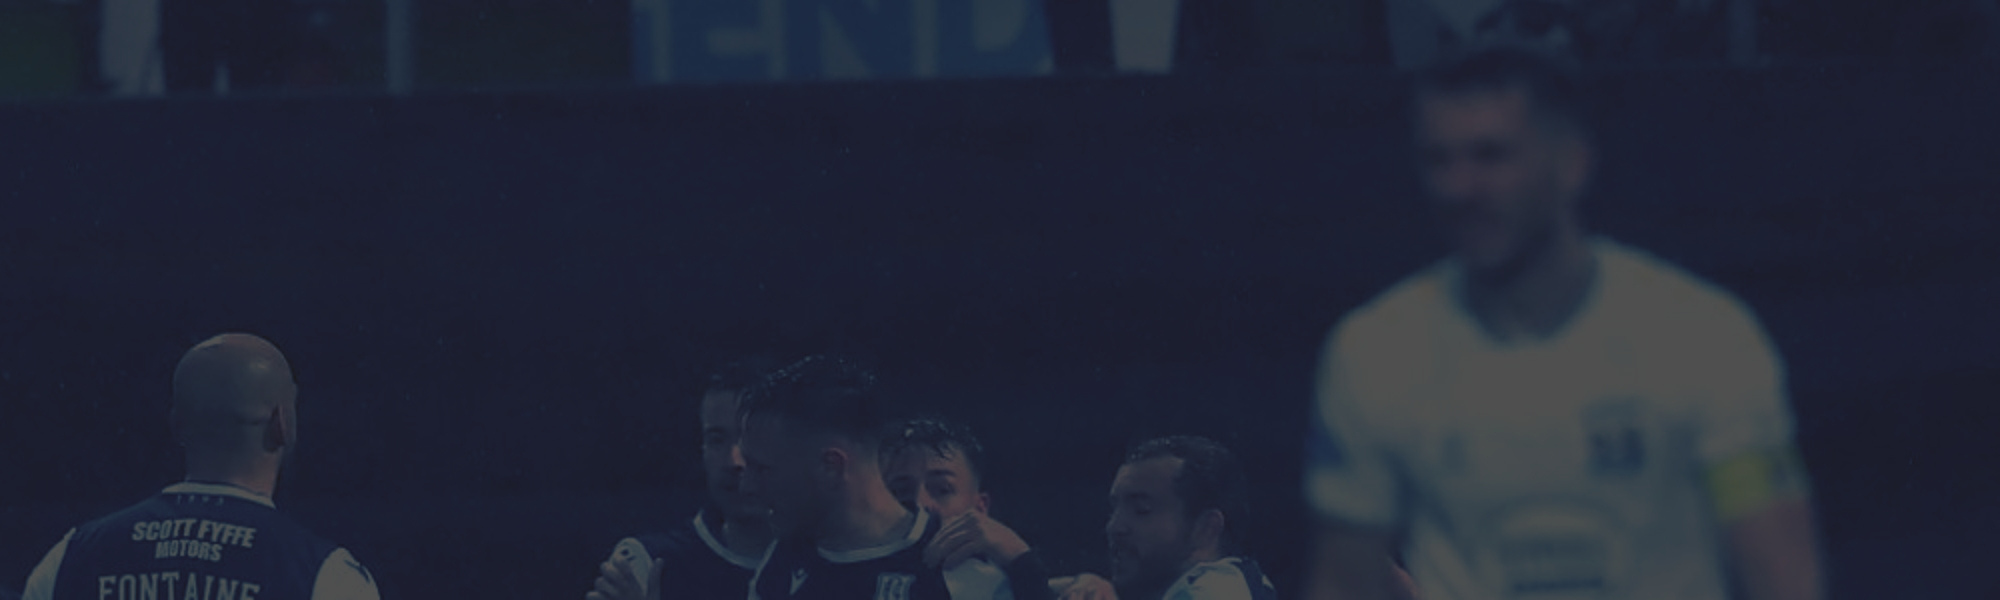 Dundee 2-1 Killie